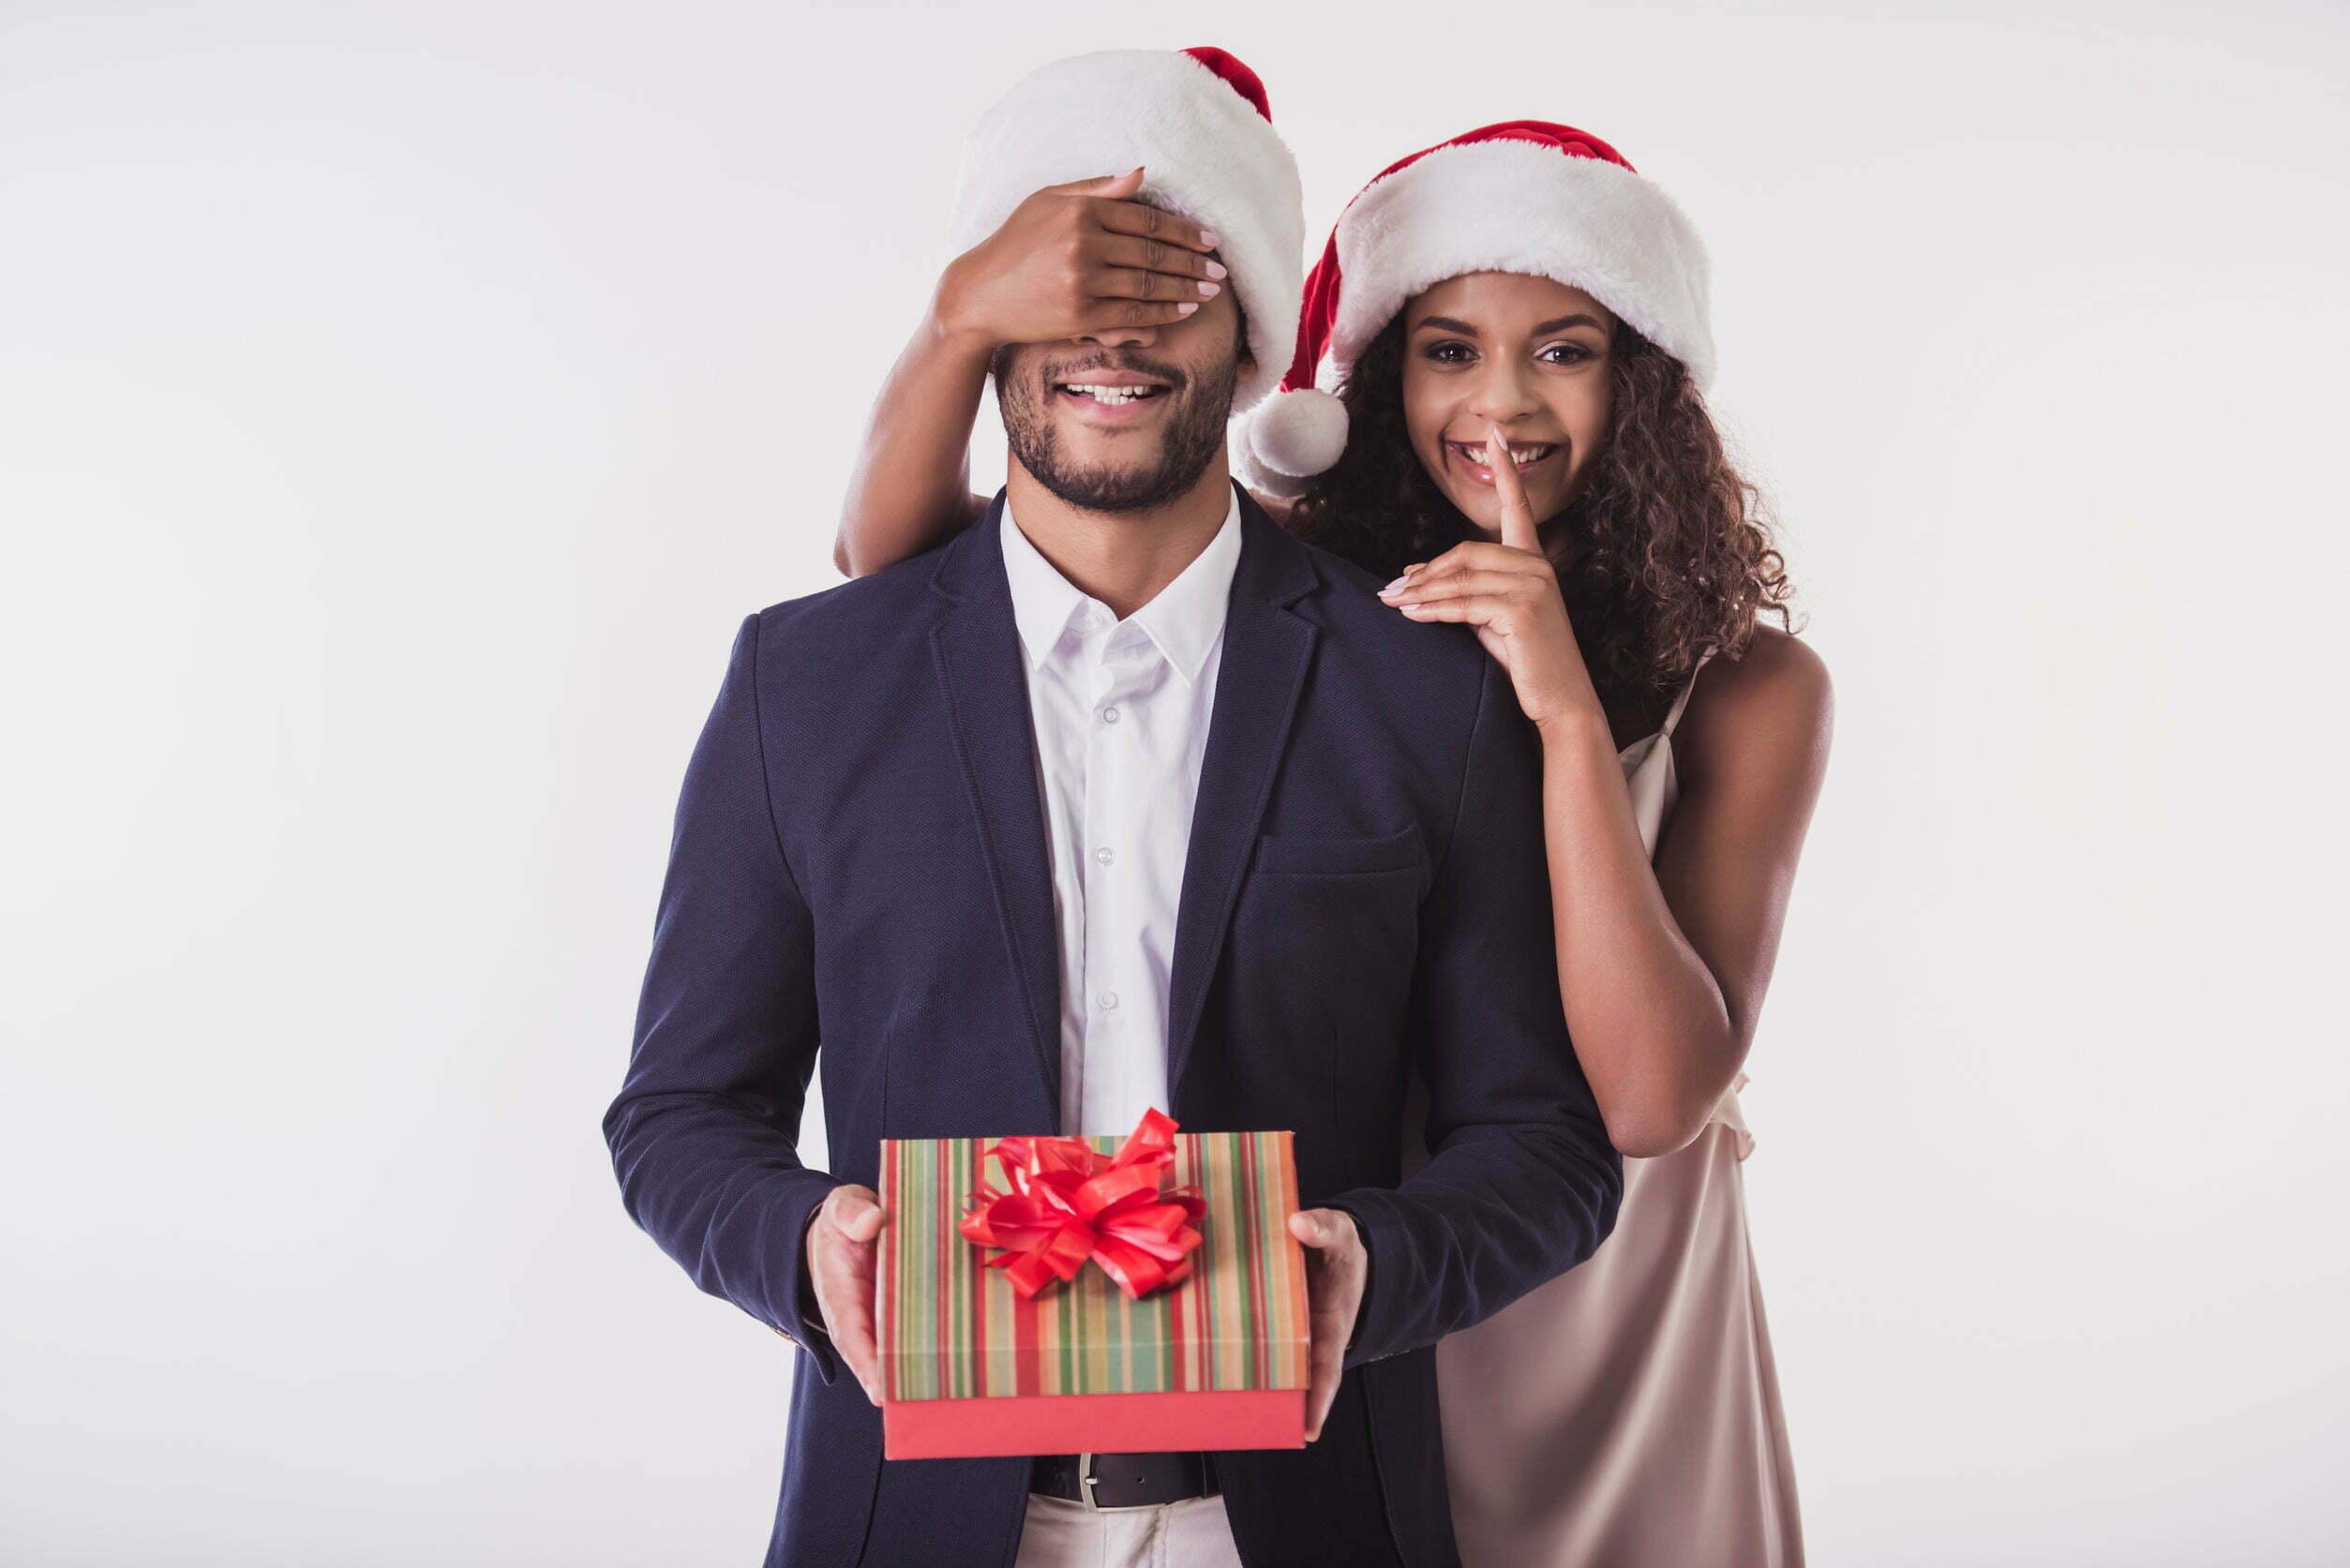 Dit wist jij nog niet over kerstpakketten